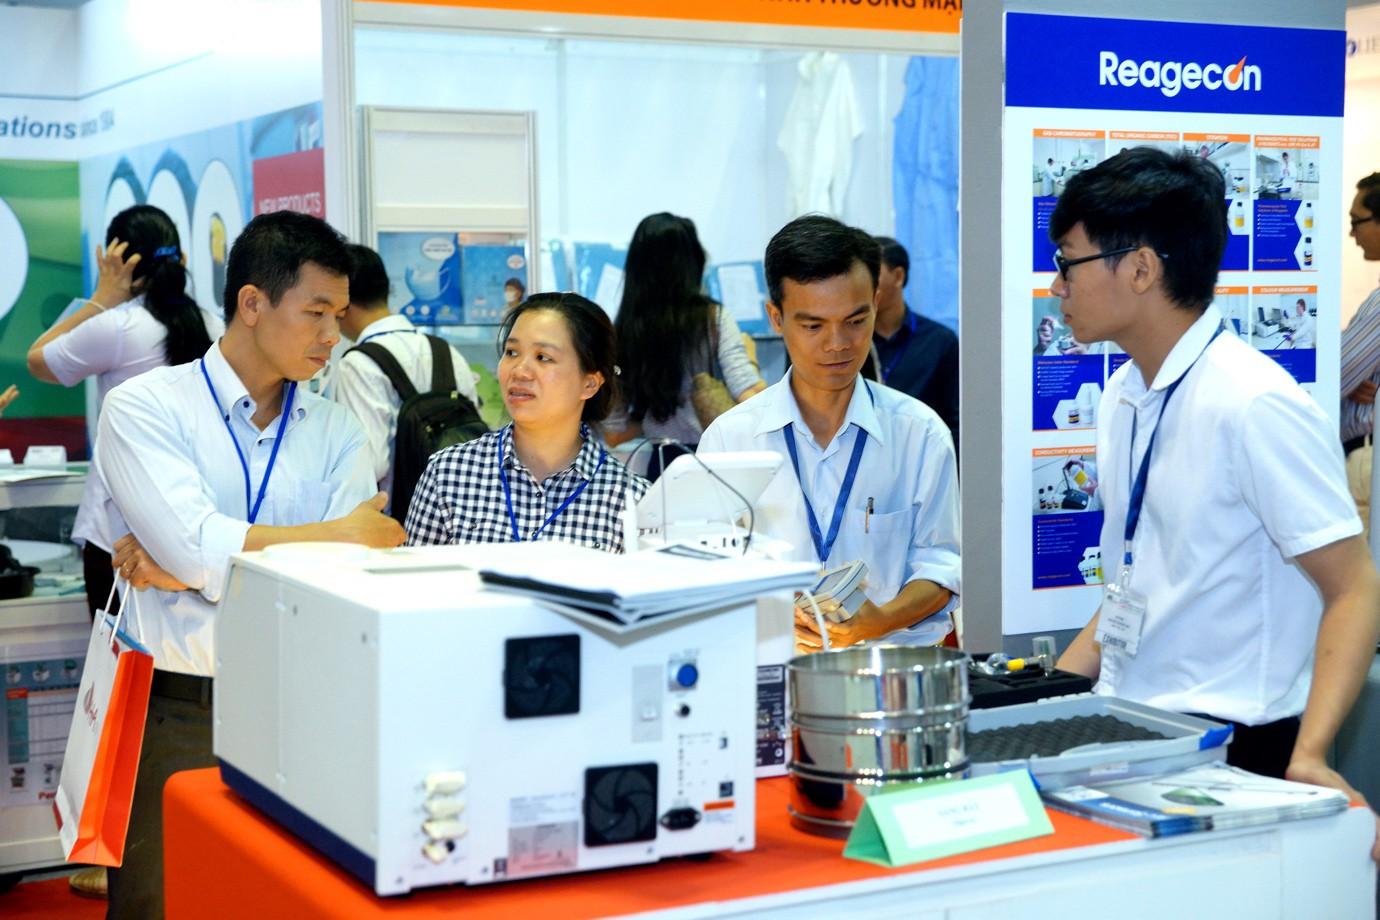 Vietnam Medi-Pharm Expo 2019 tại TP. Hồ Chí Minh – Mang đến những sản phẩm đổi mới về công nghệ. - Ảnh 1.